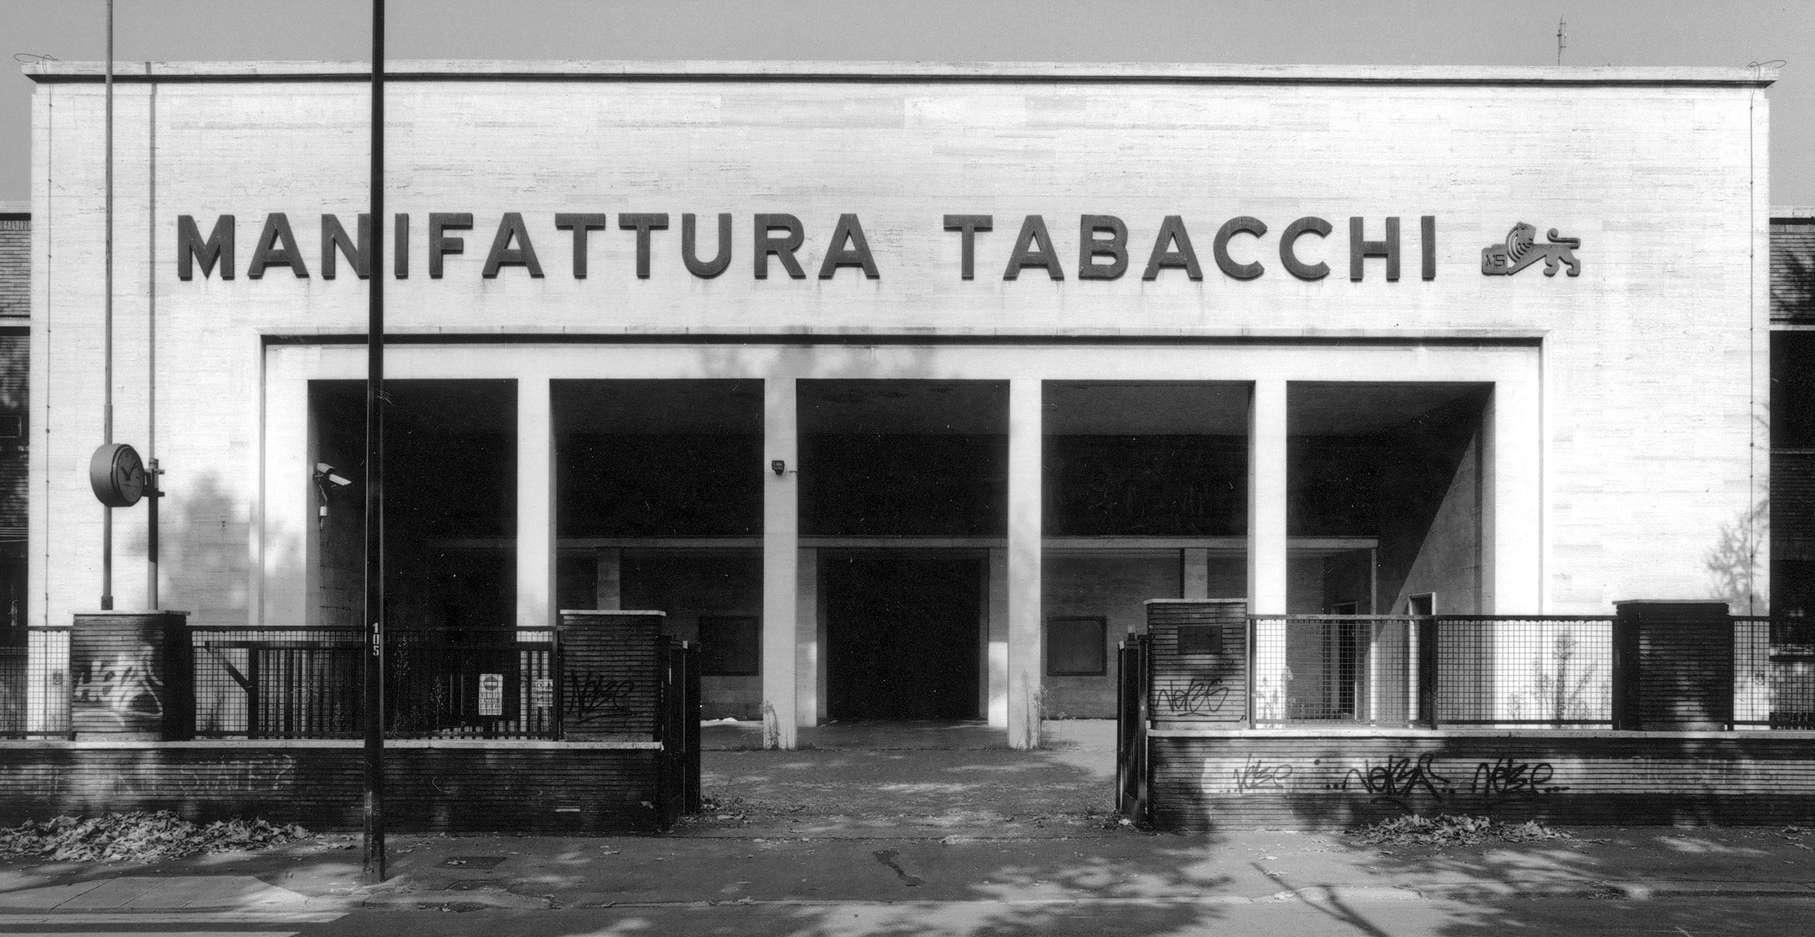 L'ingresso della Manifattura Tabacchi